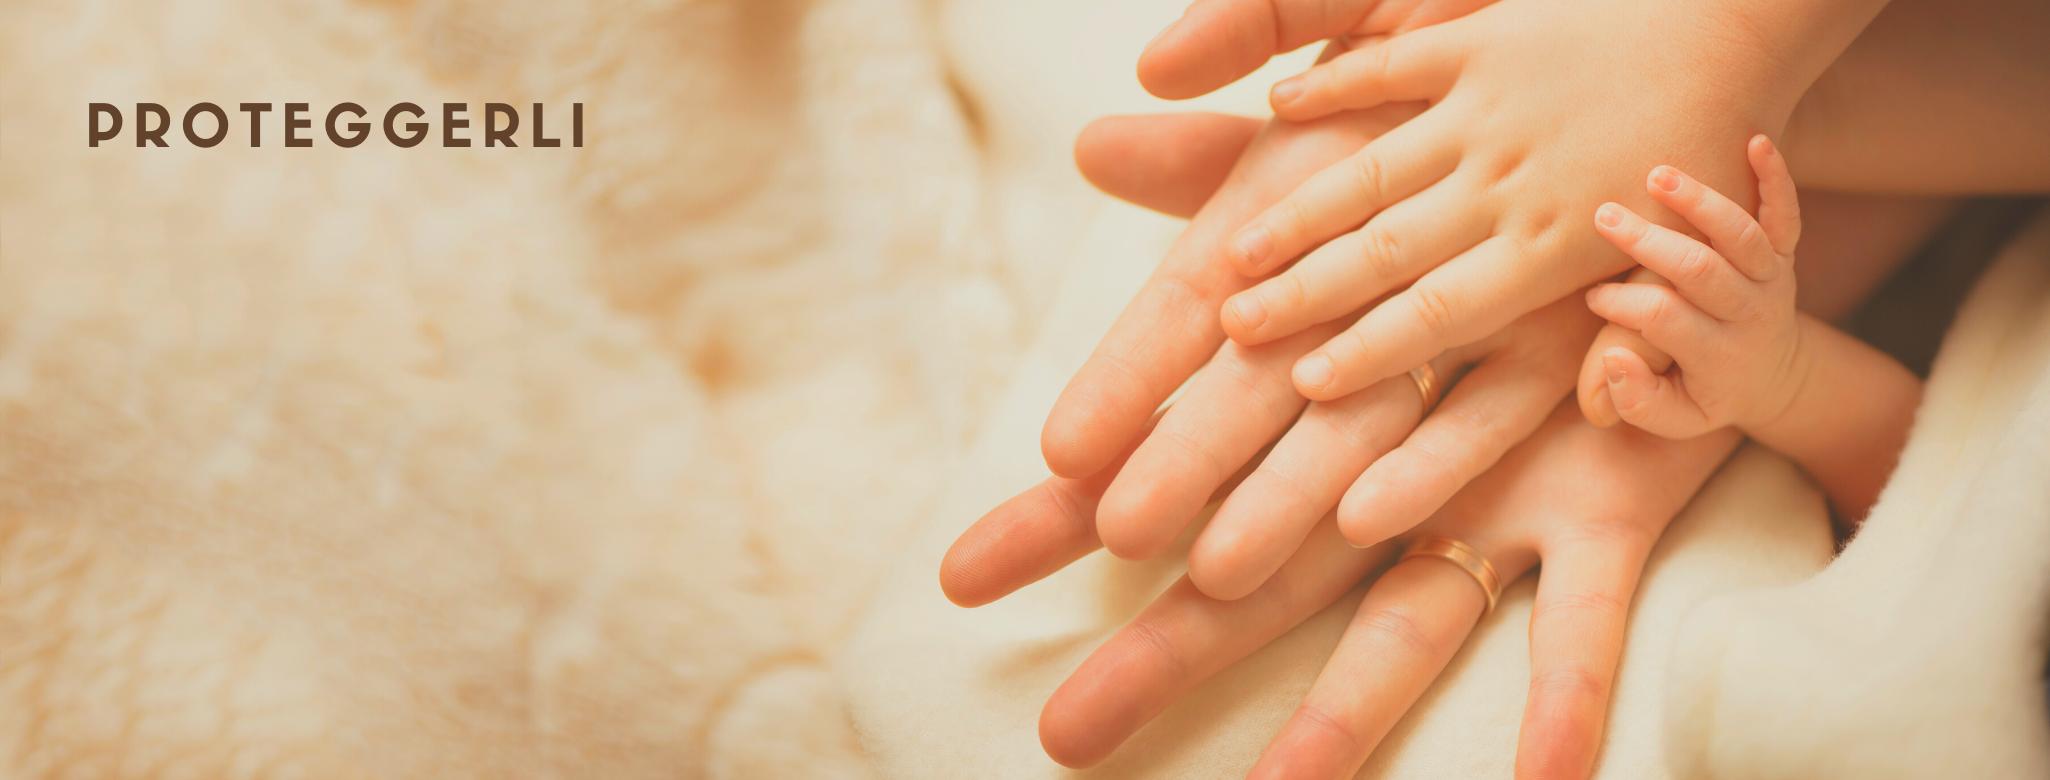 immagine di mani di genitori che si appoggiano su una coperta insieme alle mani dei figli. scritta: proteggerli